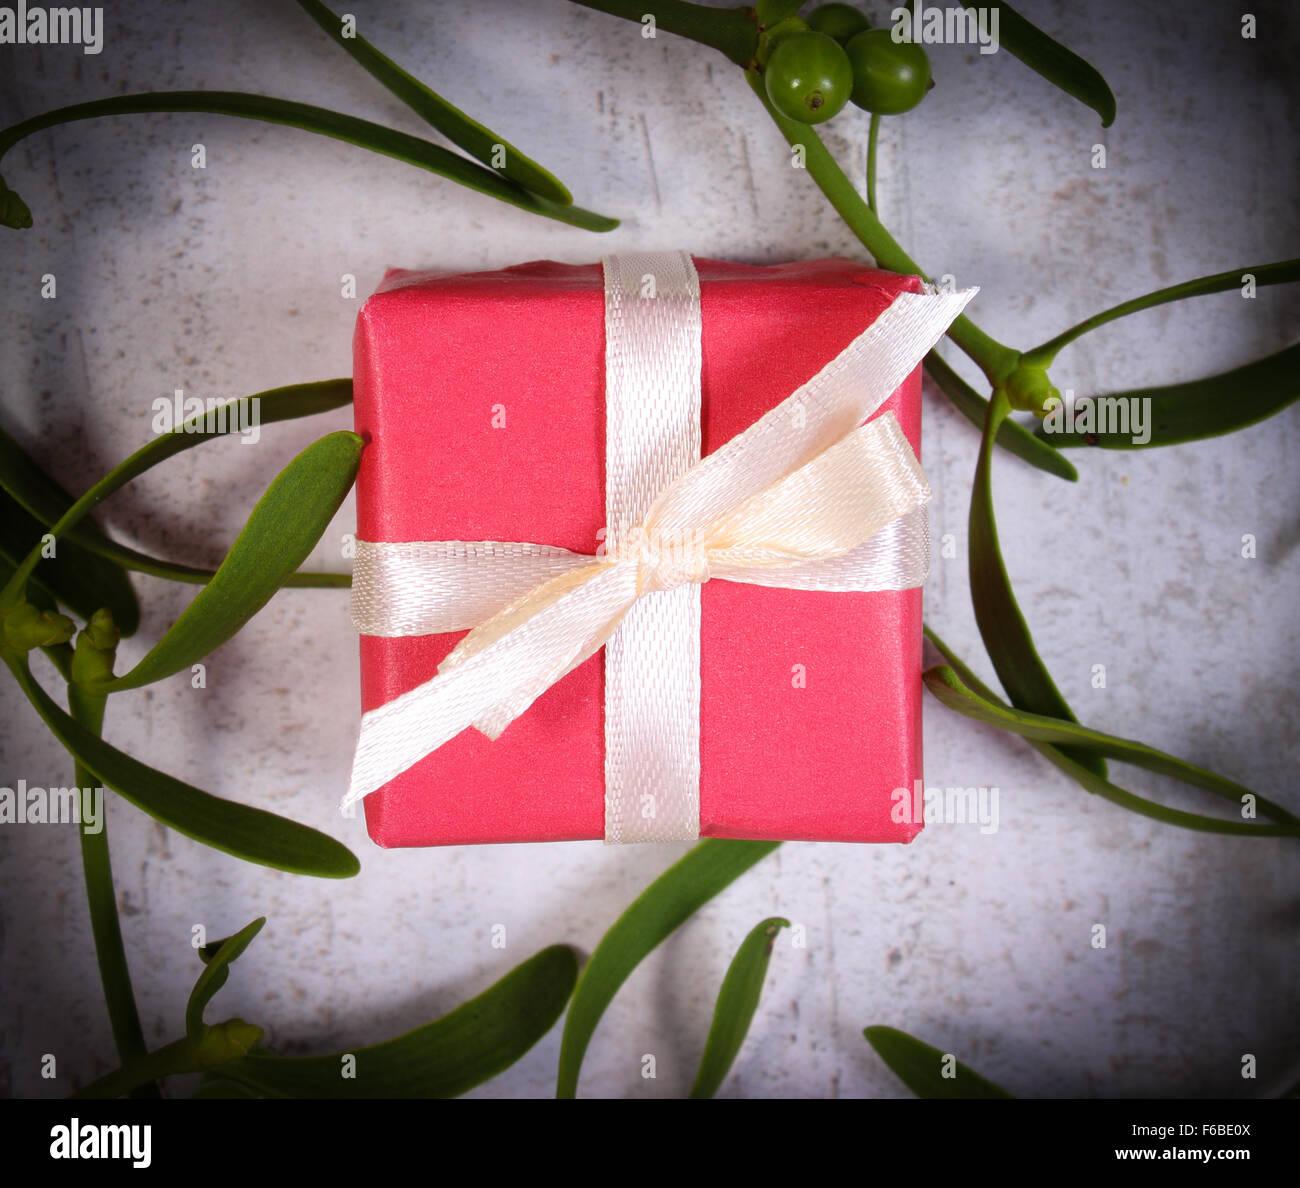 Rouge enveloppé cadeau pour Noël ou d'autres célébration et branche de gui vert sur fond Photo Stock